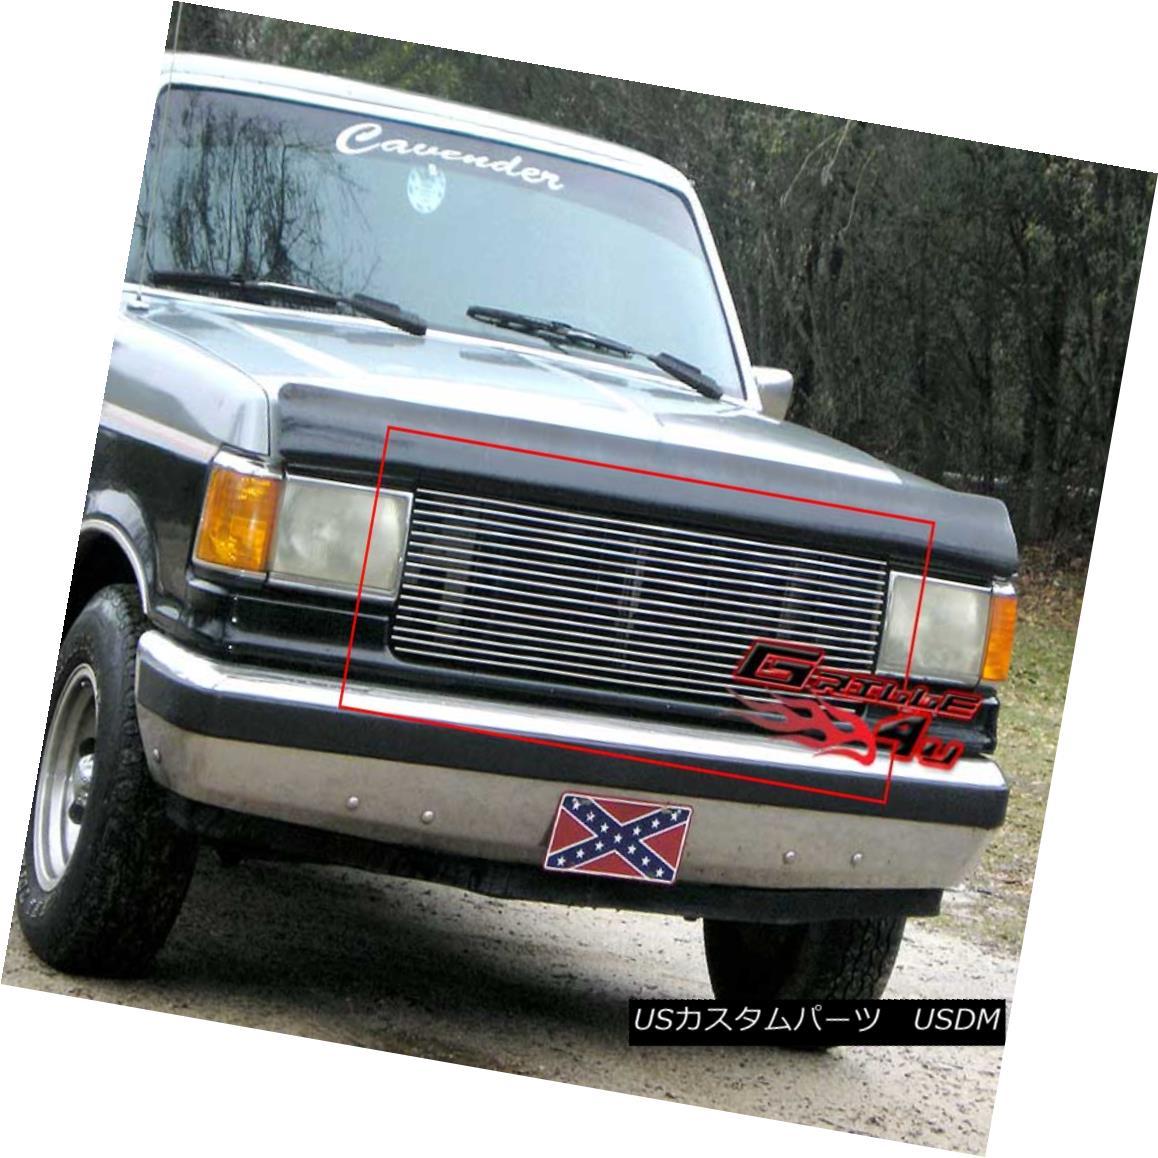 グリル Fits 1987-1991 Ford Bronco/F-Series Pickup Billet Grille Insert フィット1987-1991 Ford Bronco / F-Serie s Pickup Billet Grille Insert